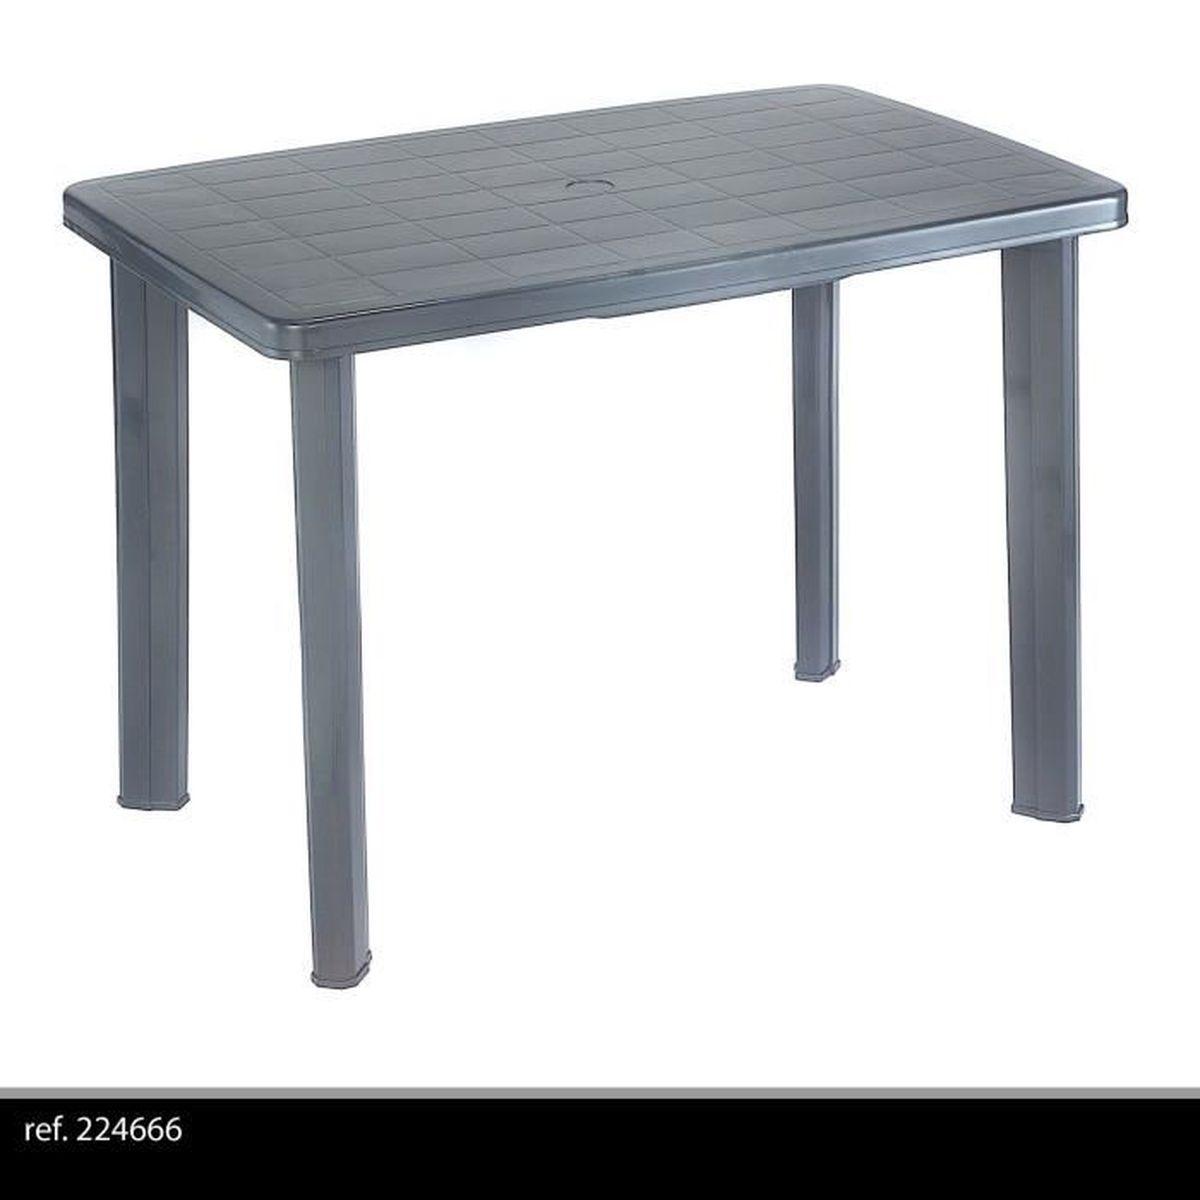 TABLE DE JARDIN DÉMONTABLE EN PLASTIQUE POUR CAMPING OU REPAS EN EXTERIEUR  GRISE 100X70 EMPLACEMENT PARASOL